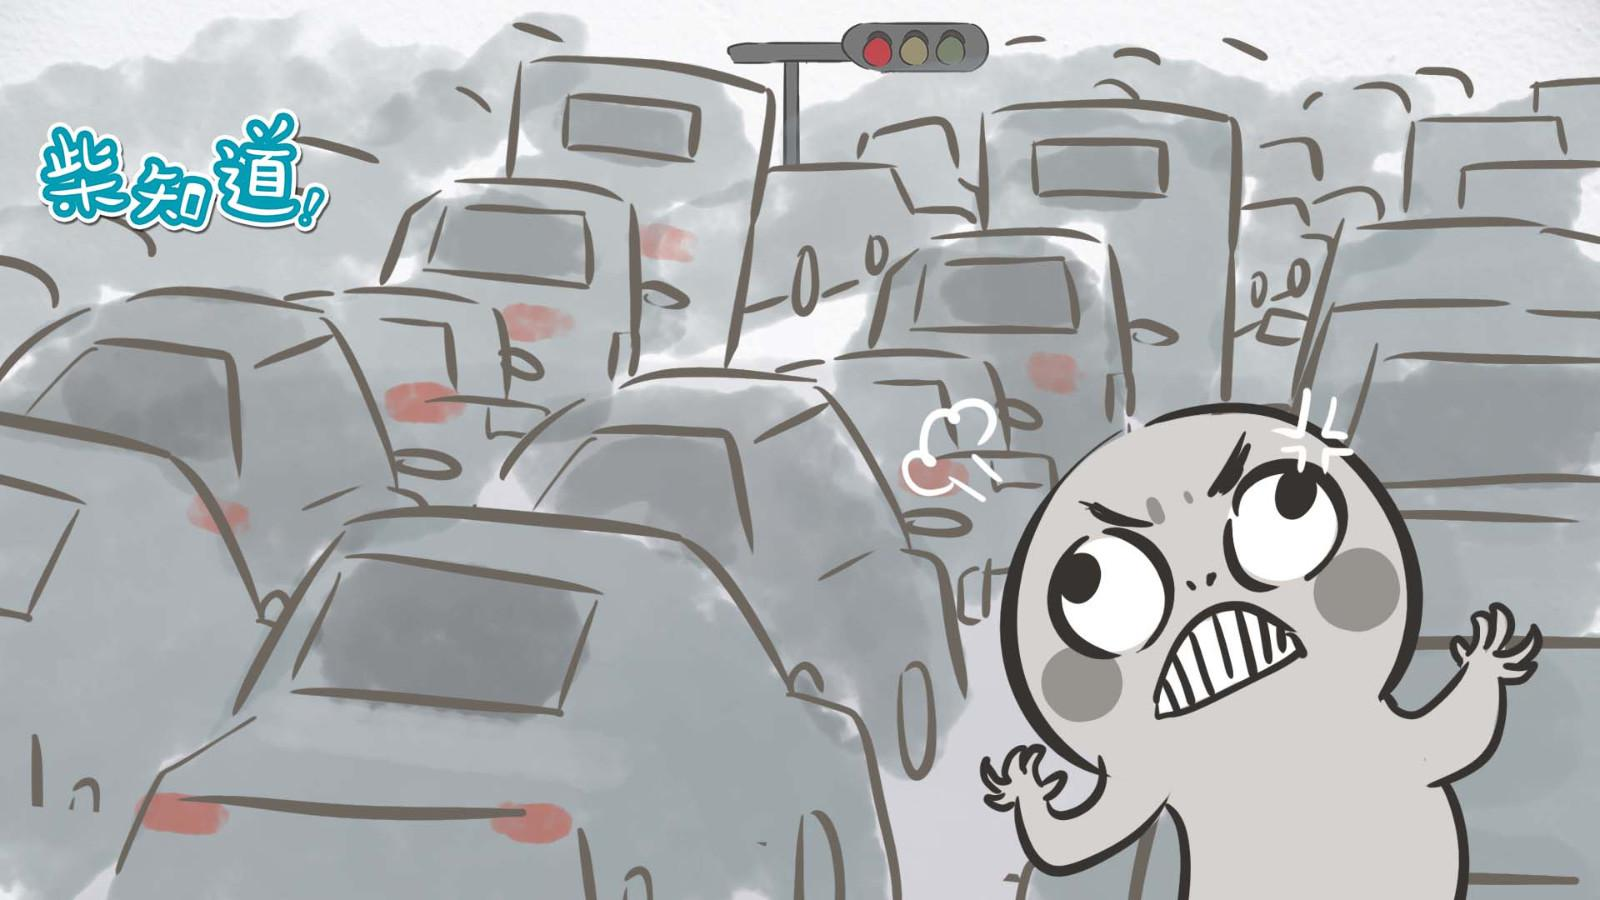 还在愁上下班堵车高峰?有了城市大脑,堵车再也不是事儿